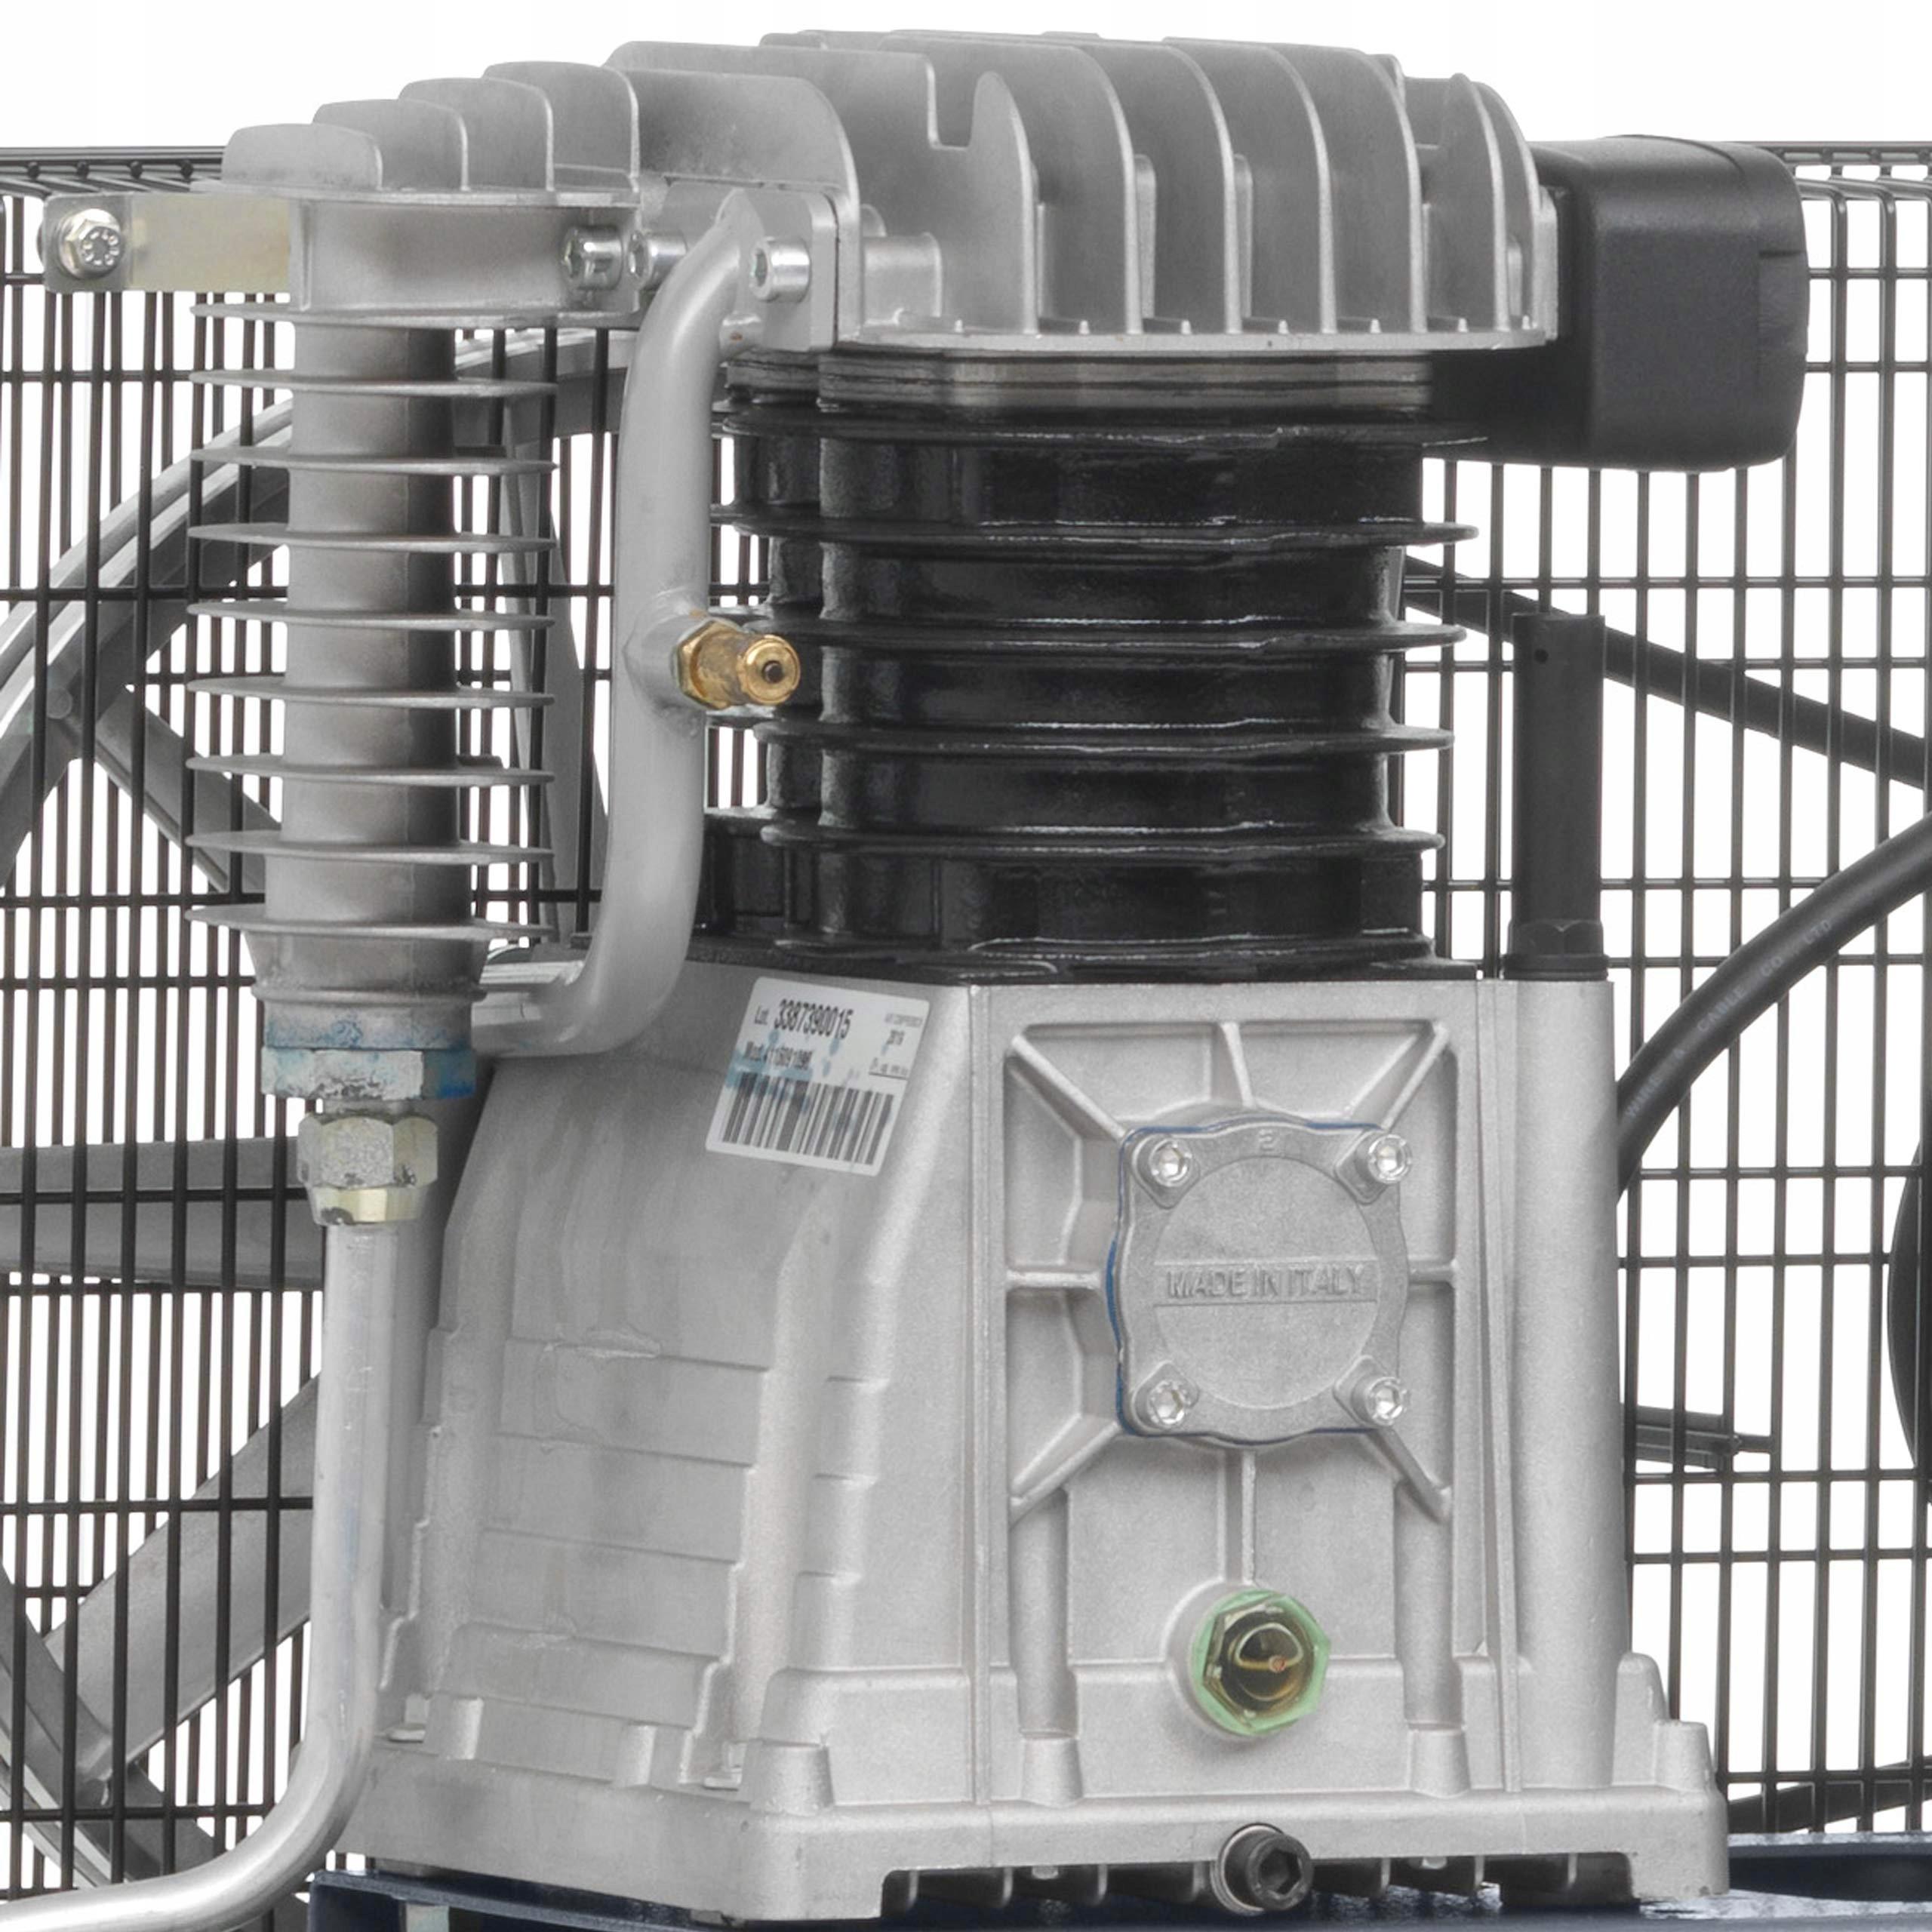 SPRĘŻARKA KOMPRESOR 300L ATLAS COPCO AC 40 E 300 T Układ zbiornika poziomy